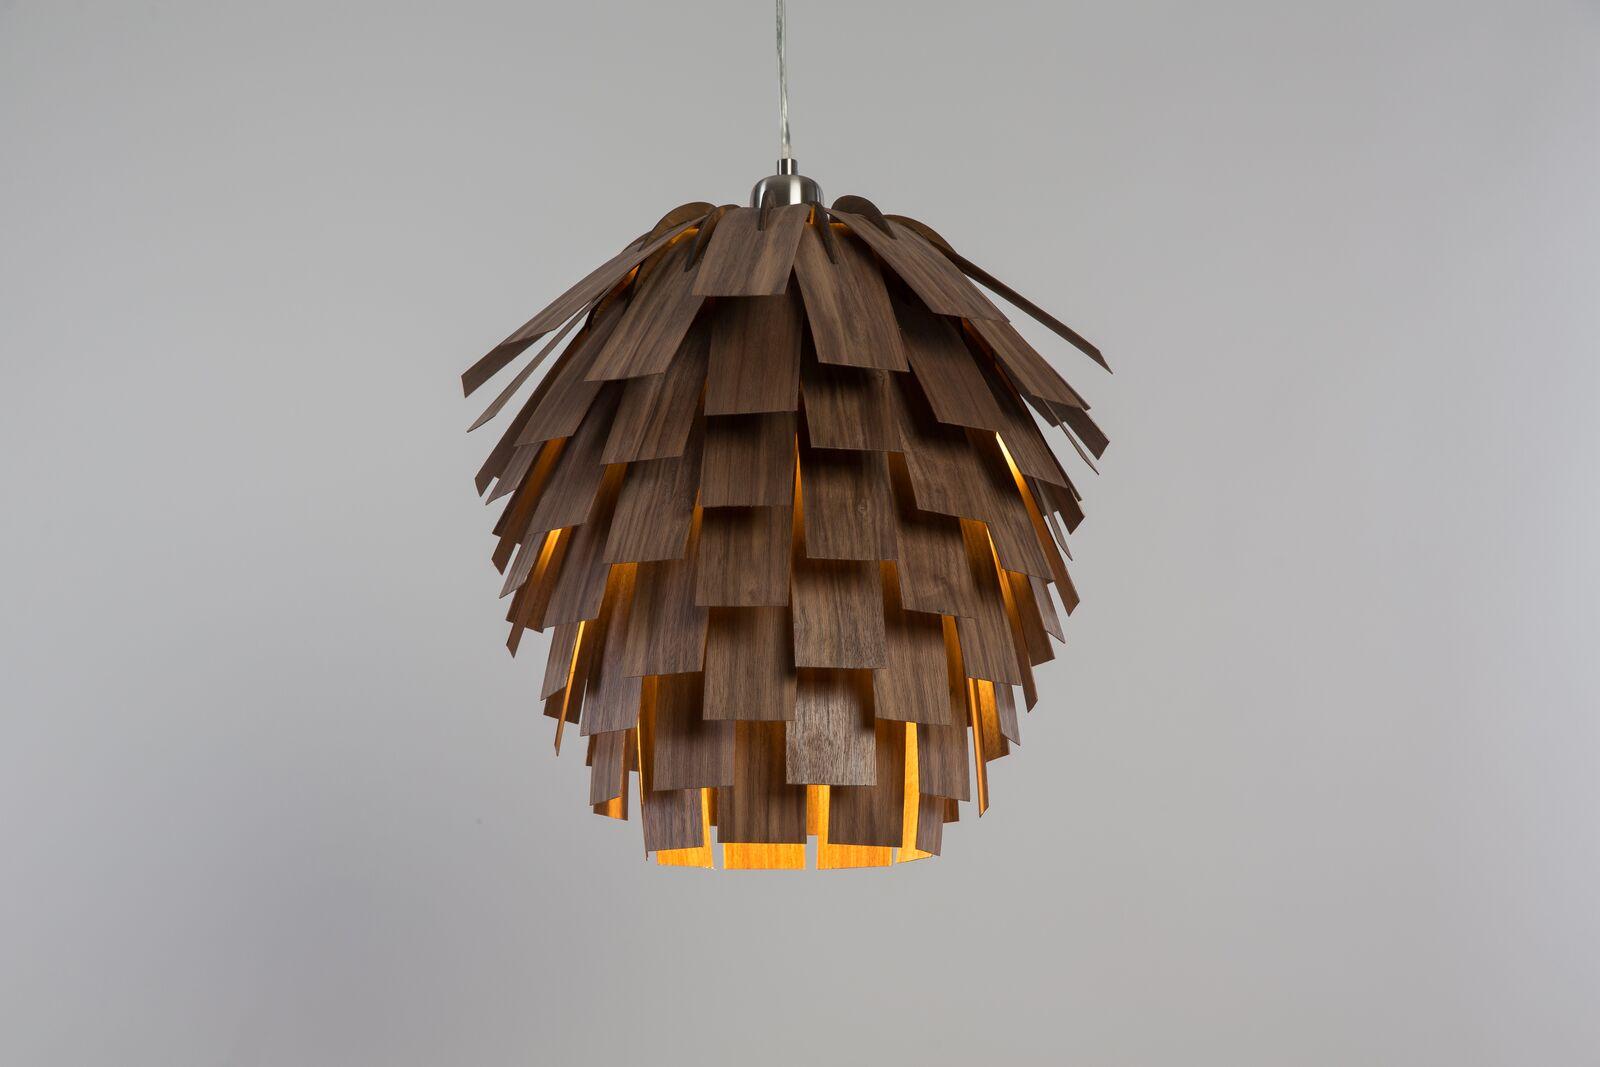 Необычные подвесные светильники из дерева - фото 3